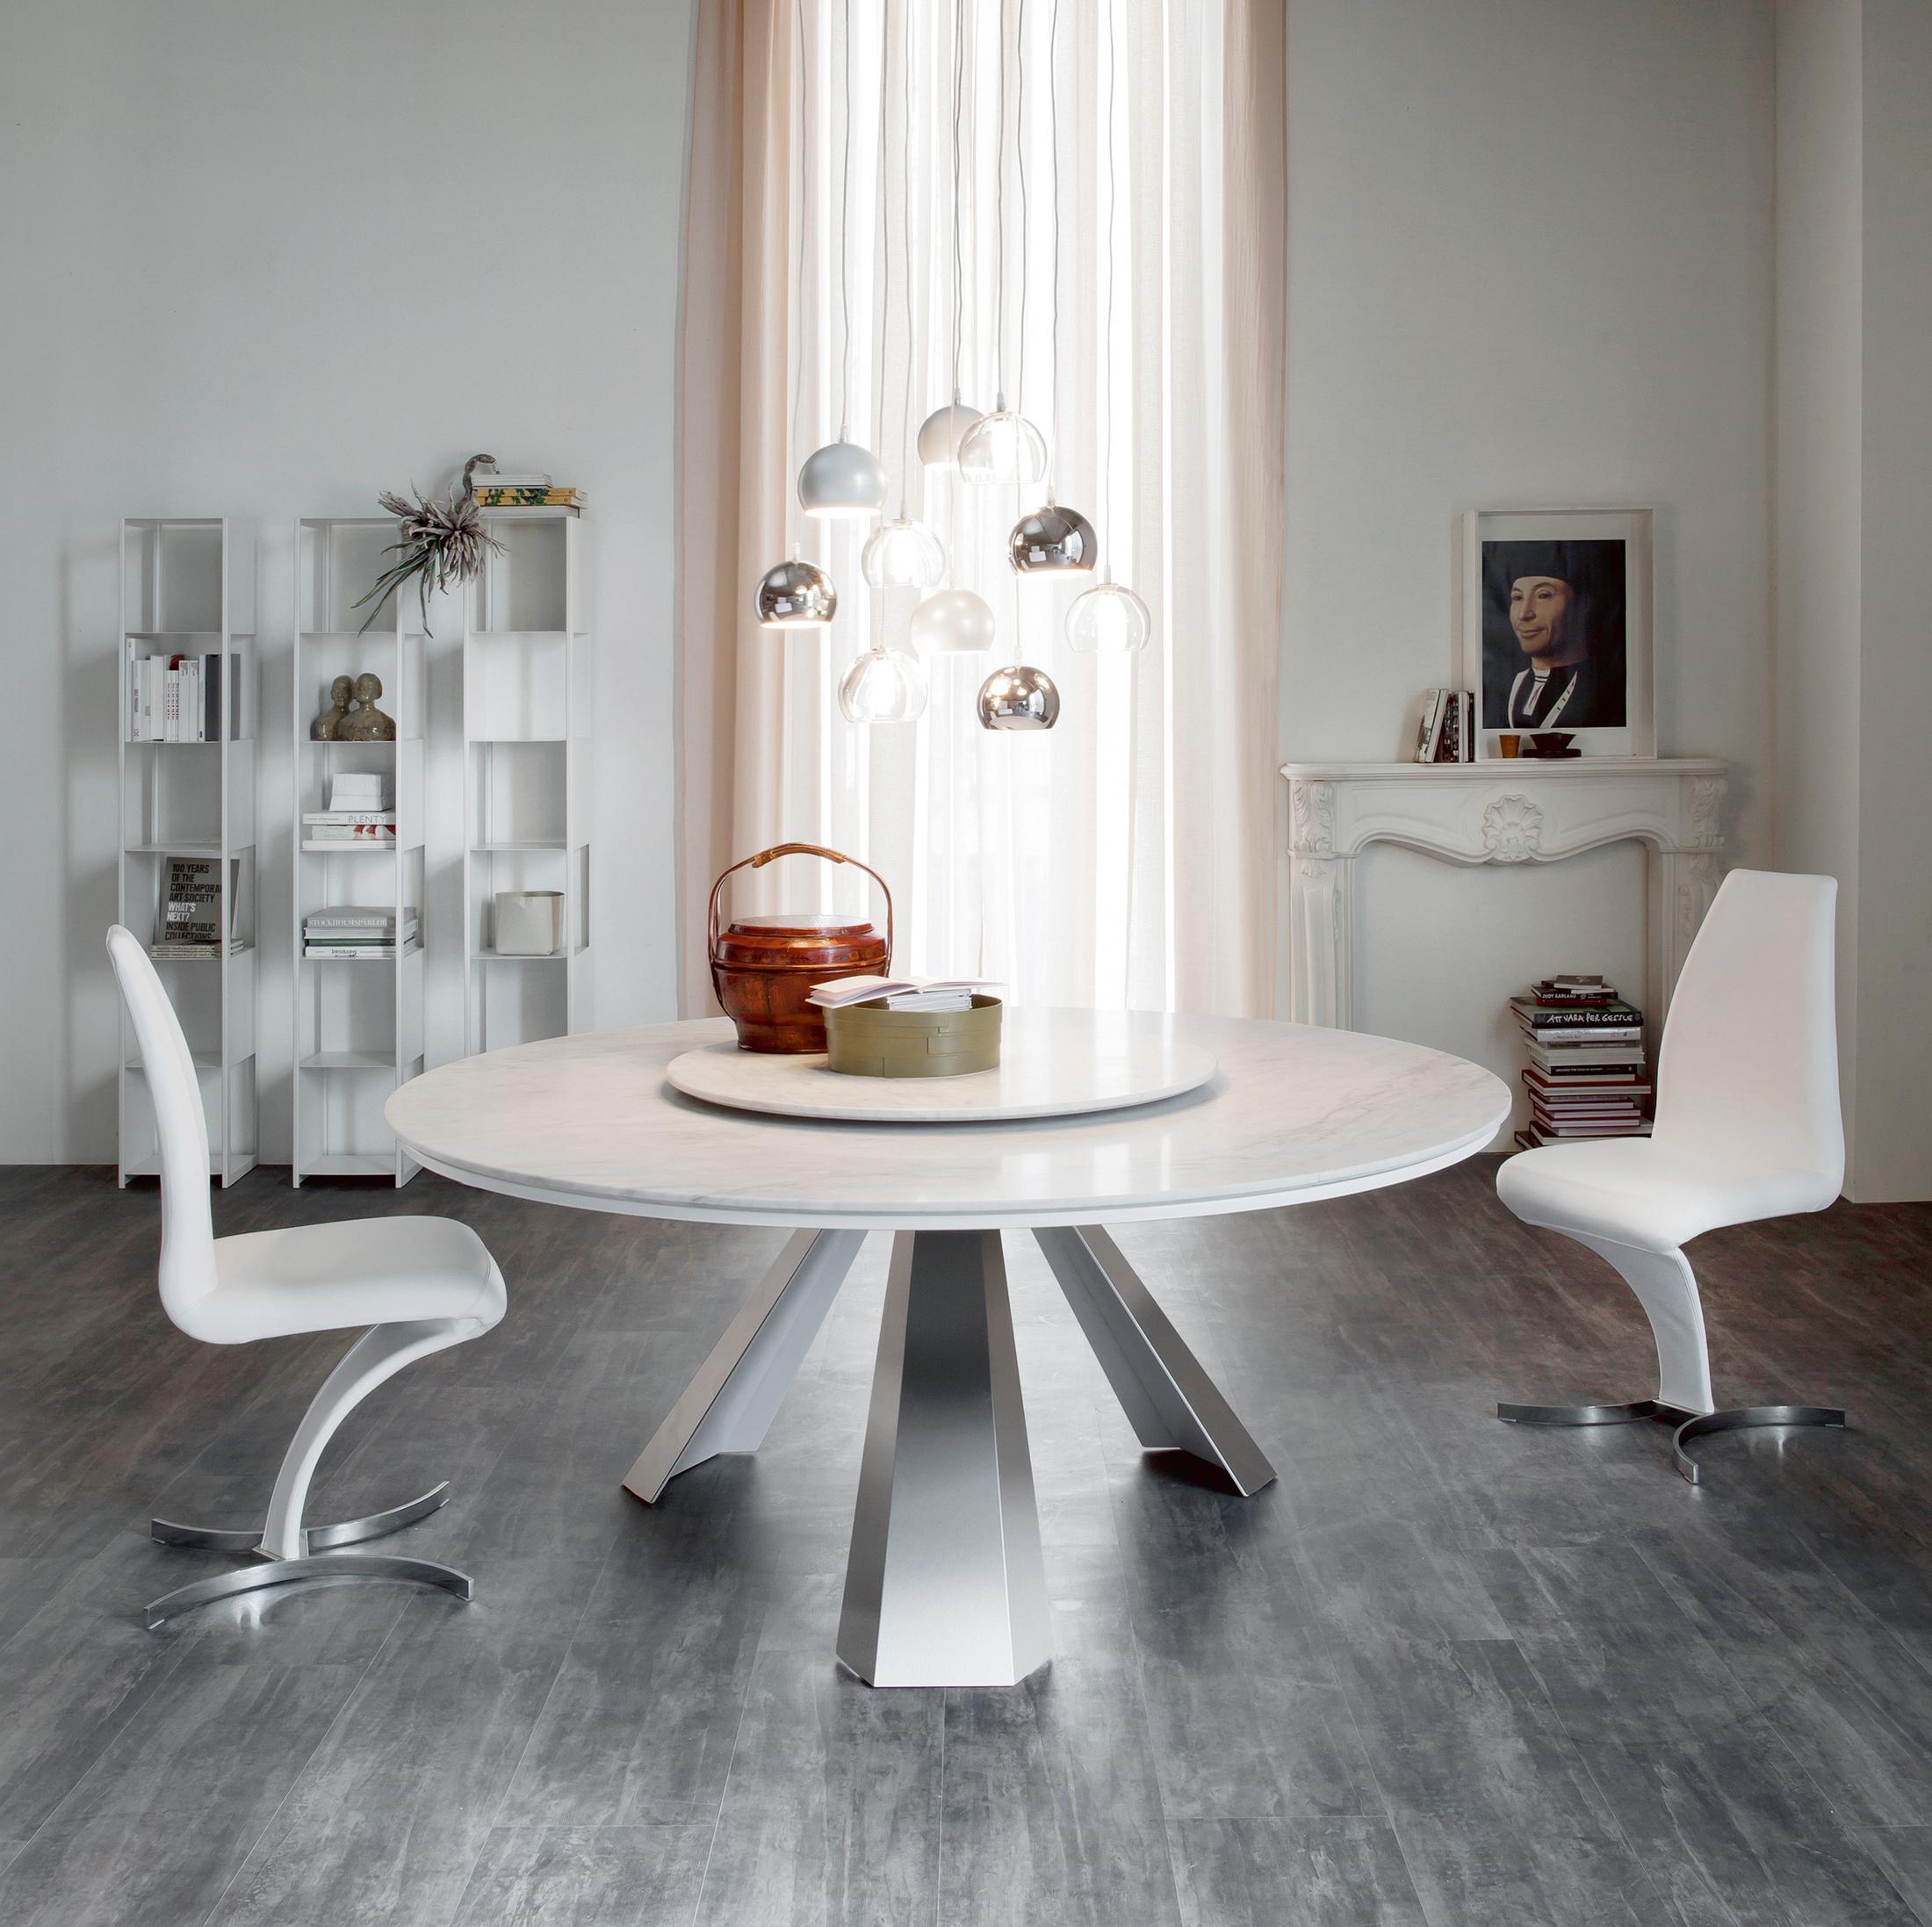 Designerstühle In Weiß #stuhl #regal #esstisch #weißerstuhl ©Cattelan Italia